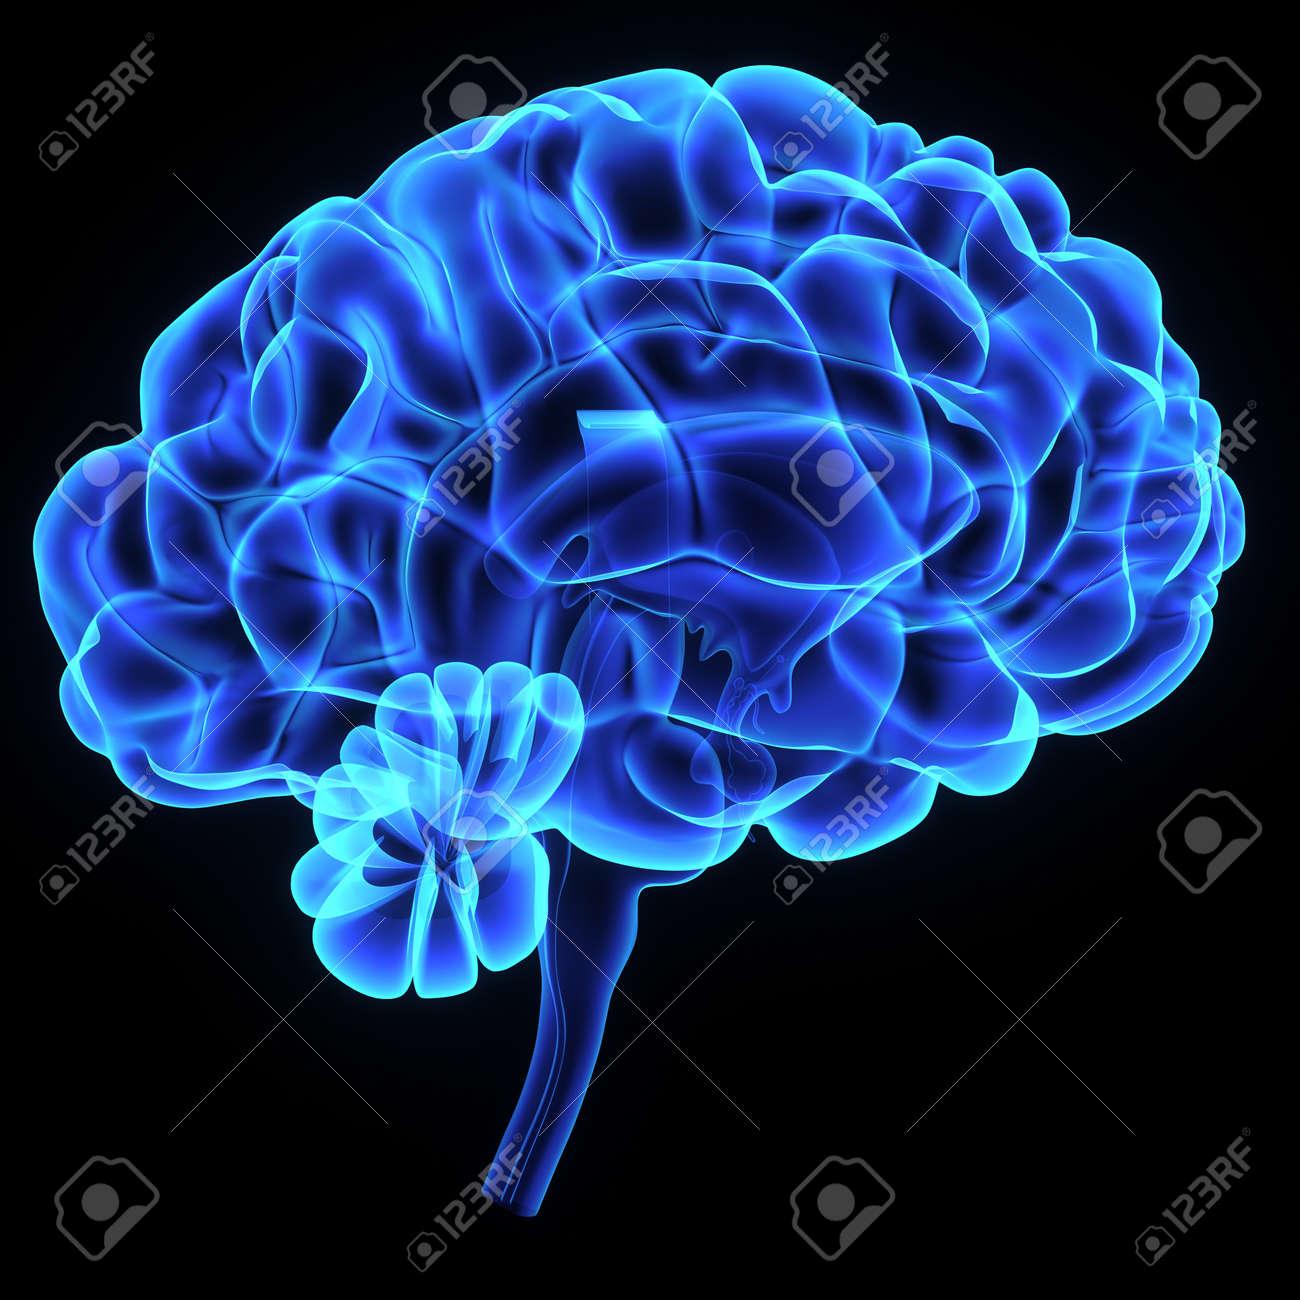 Brain Stock Photo - 36163956